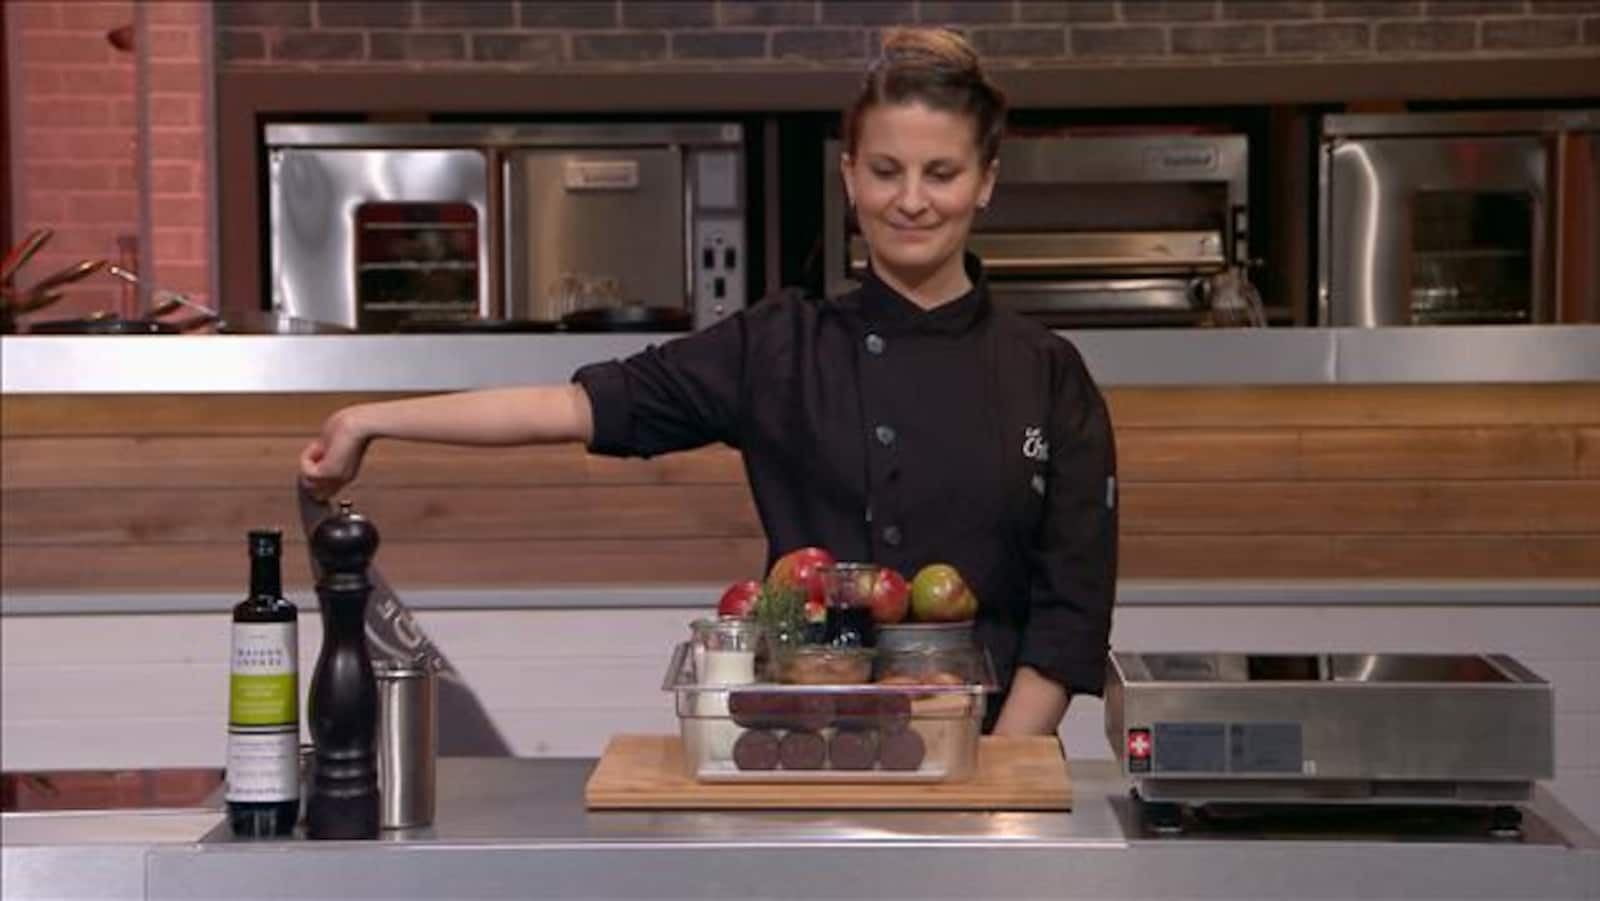 Ashley dévoile le plateau d'ingrédient devant elle.